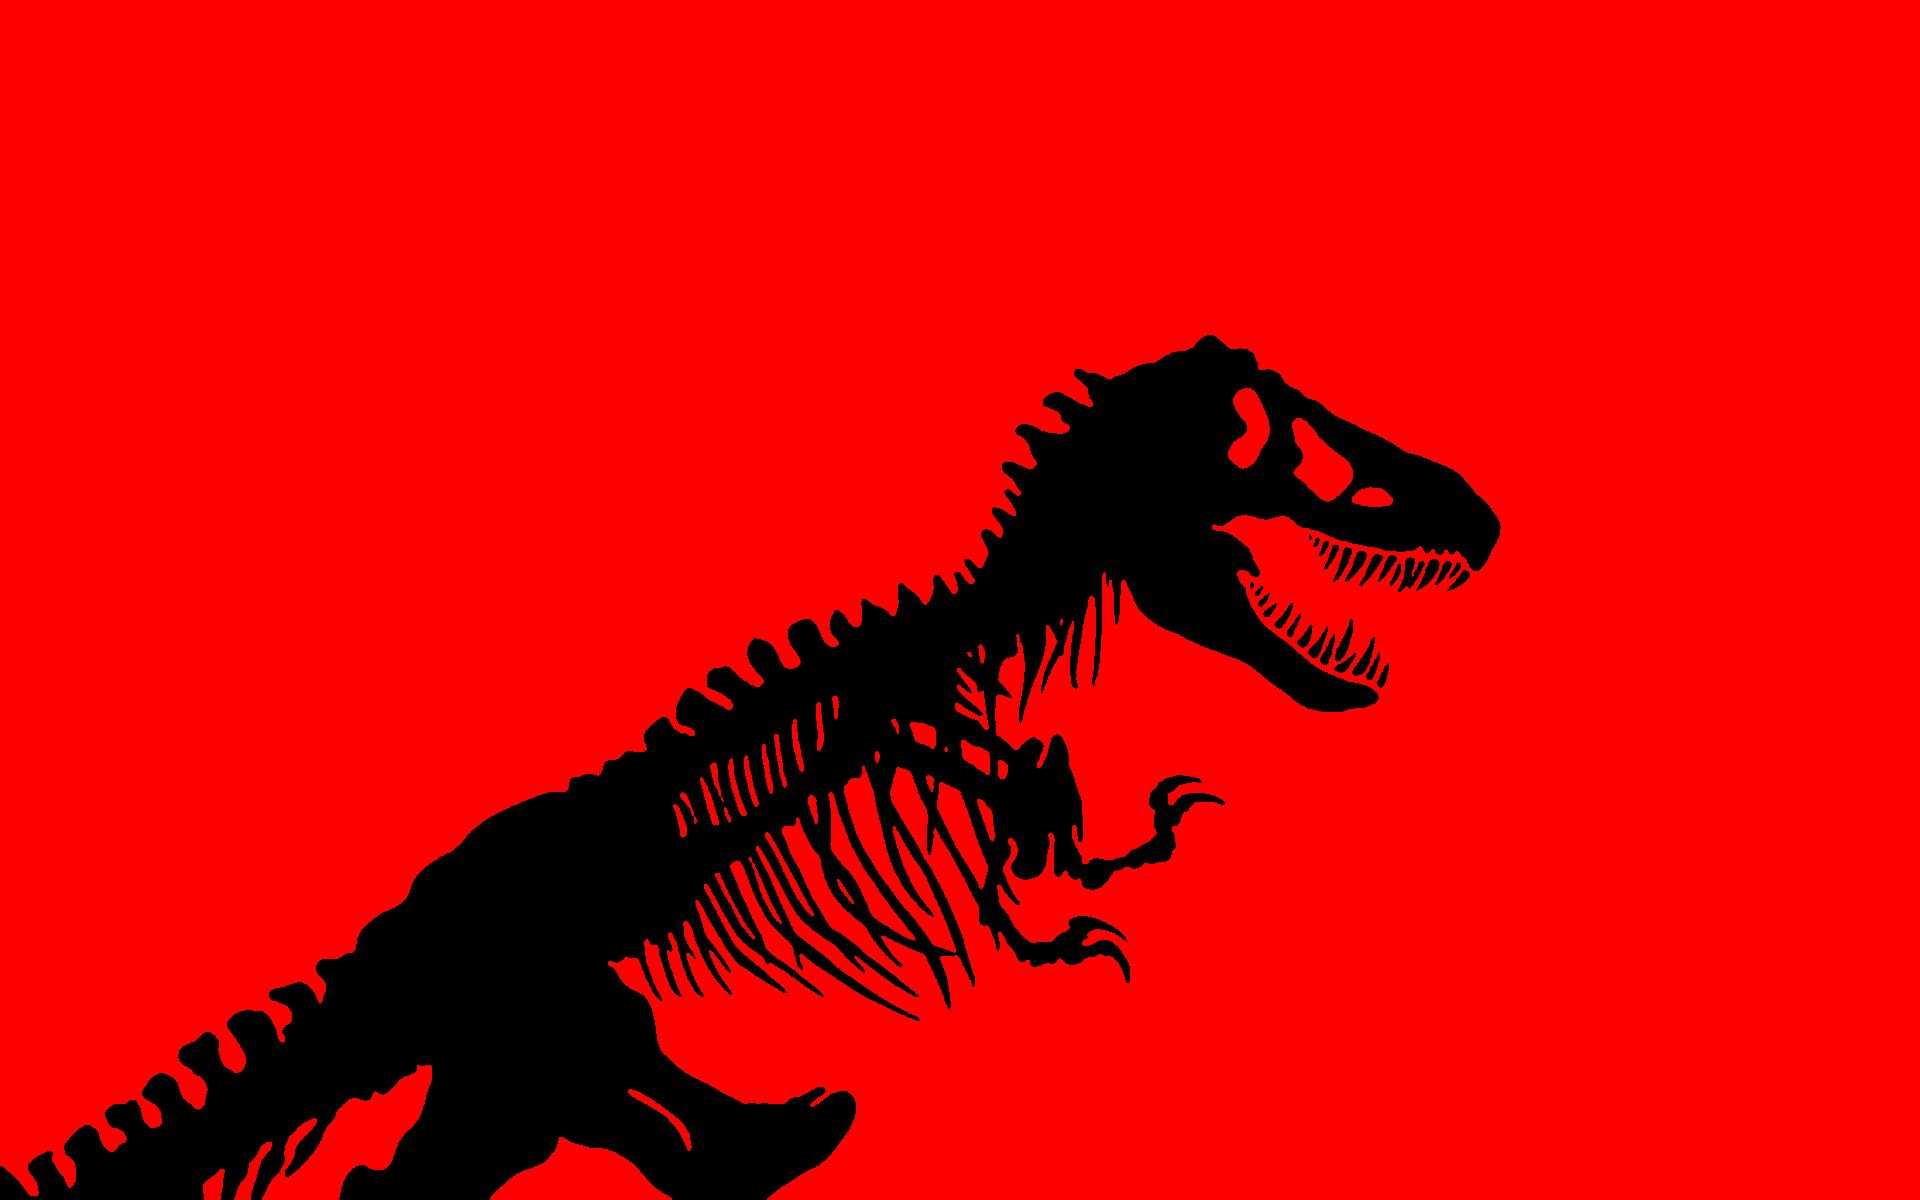 Movie Jurassic Park Wallpaper Jurassic World Jurassic Park T Rex Dinosaur Wallpaper